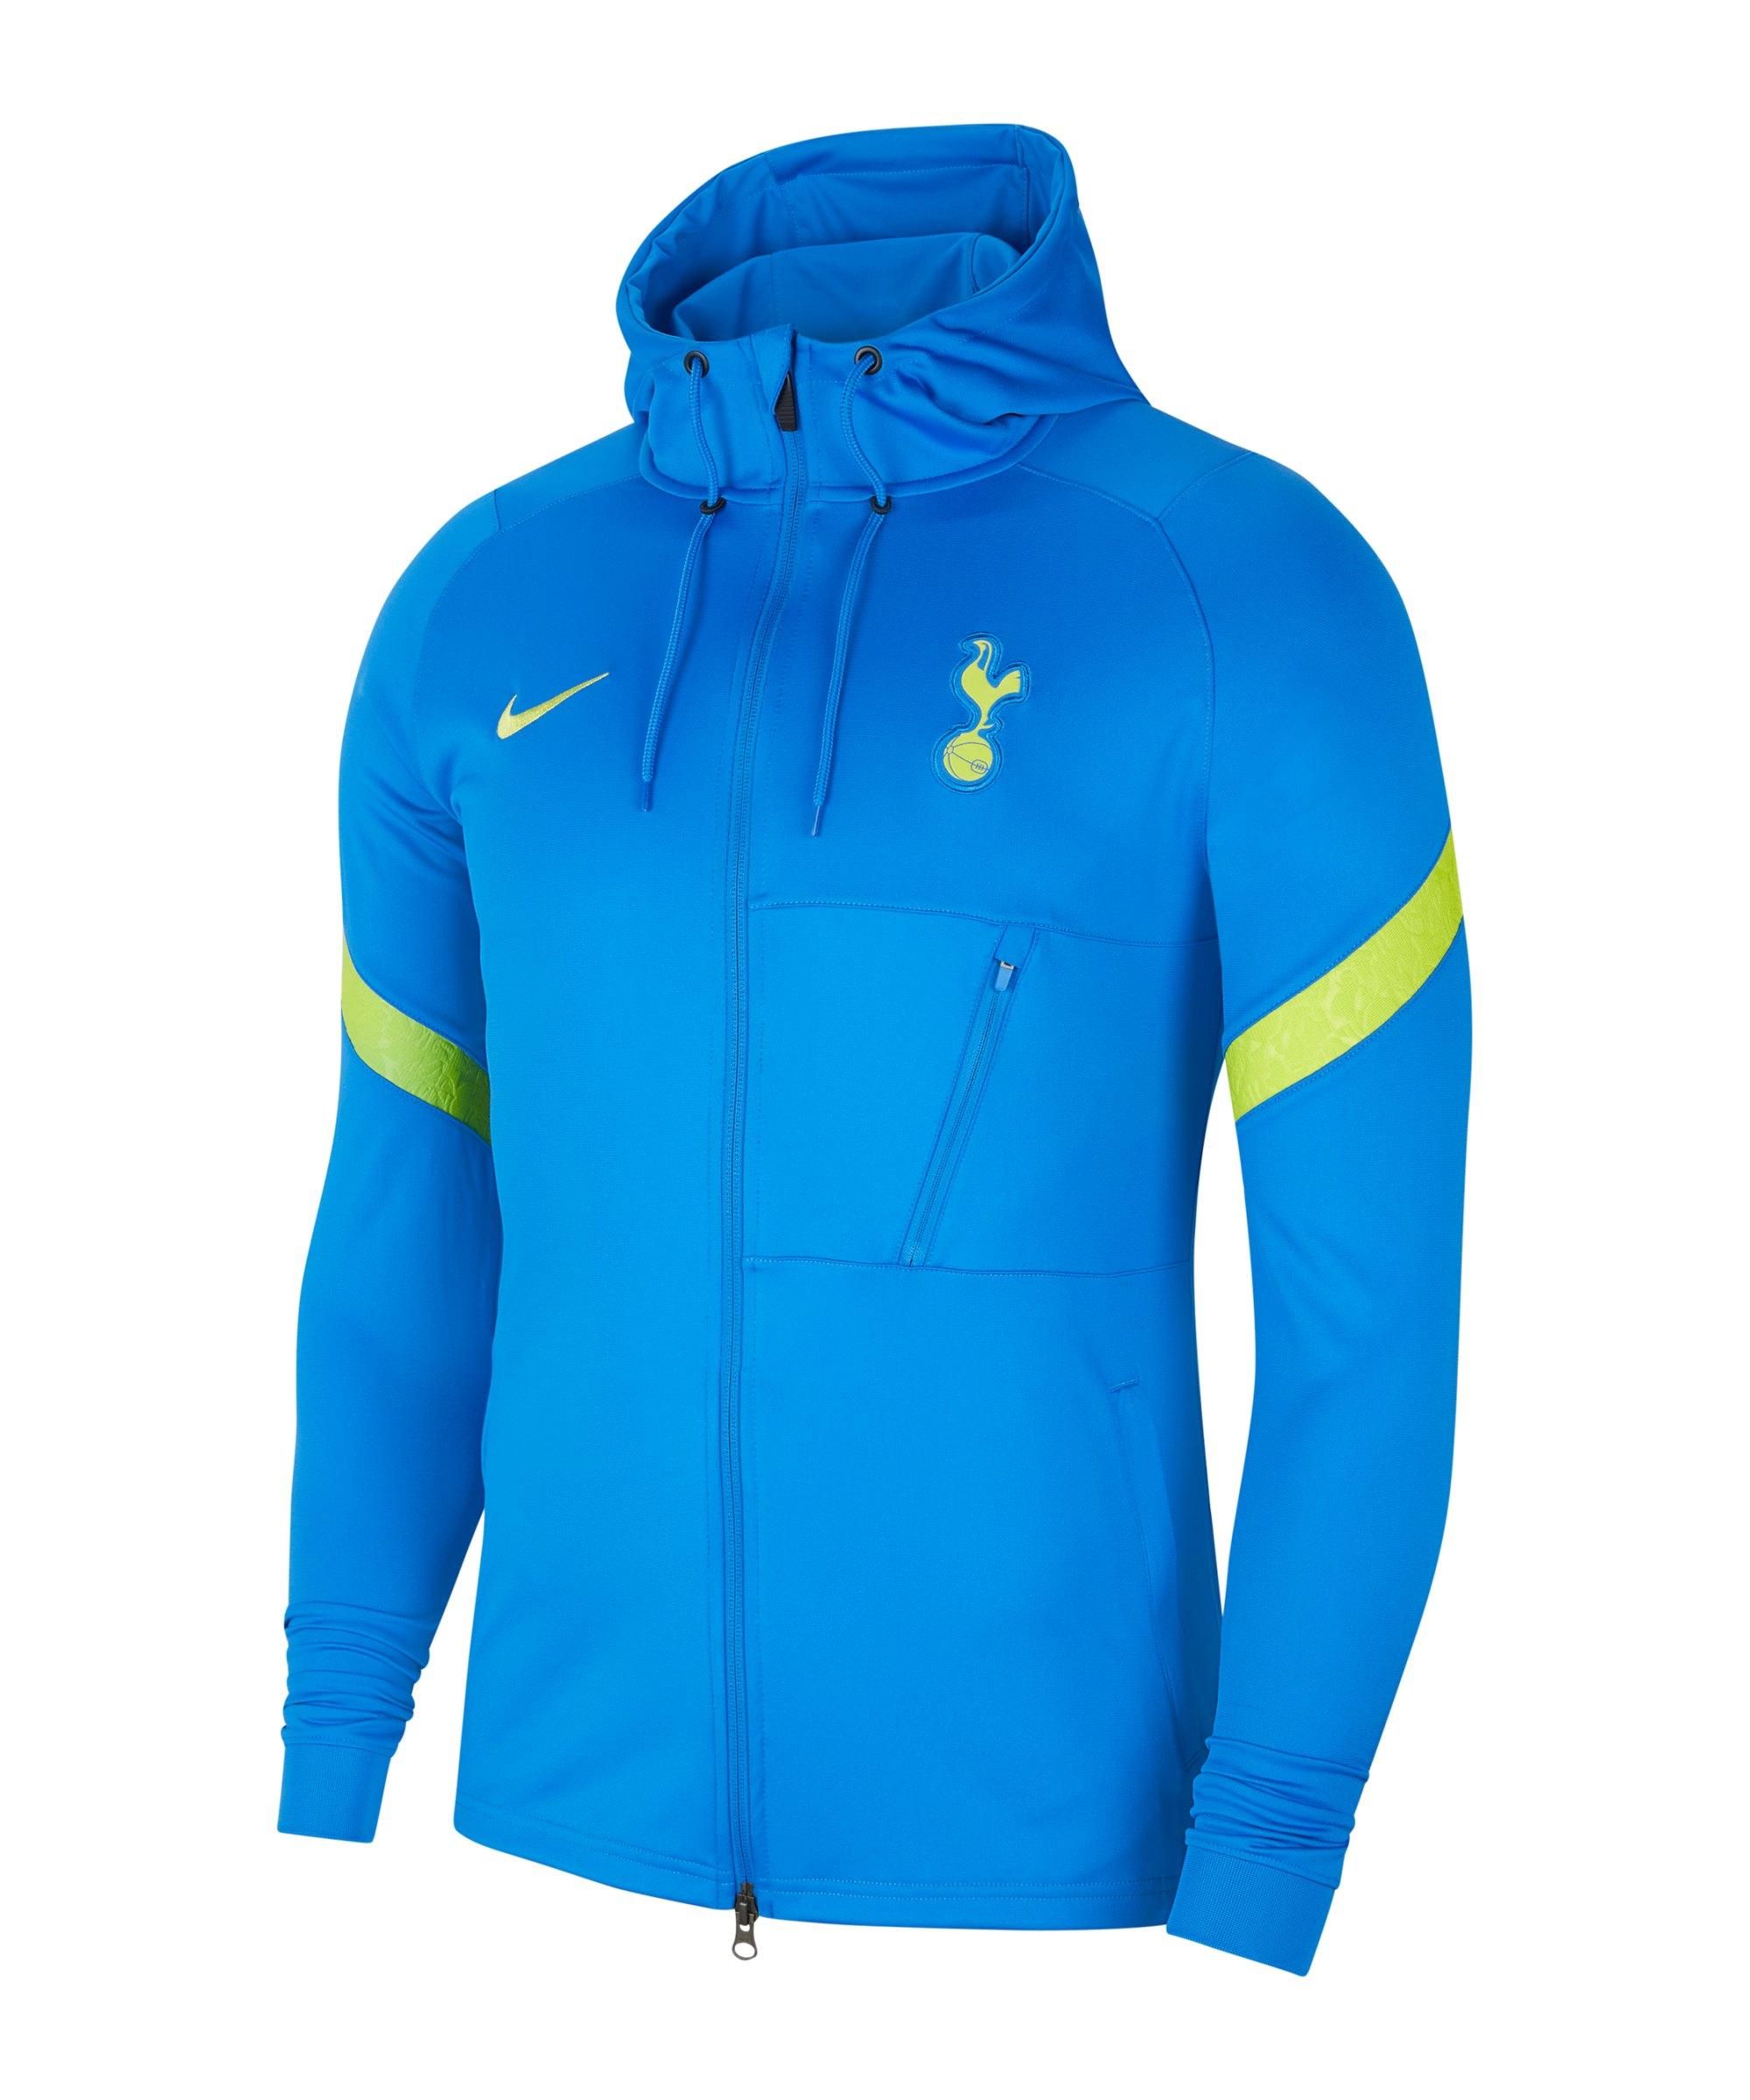 Nike Tottenham Hotspur Strike Trainingsjacke F403 - blau